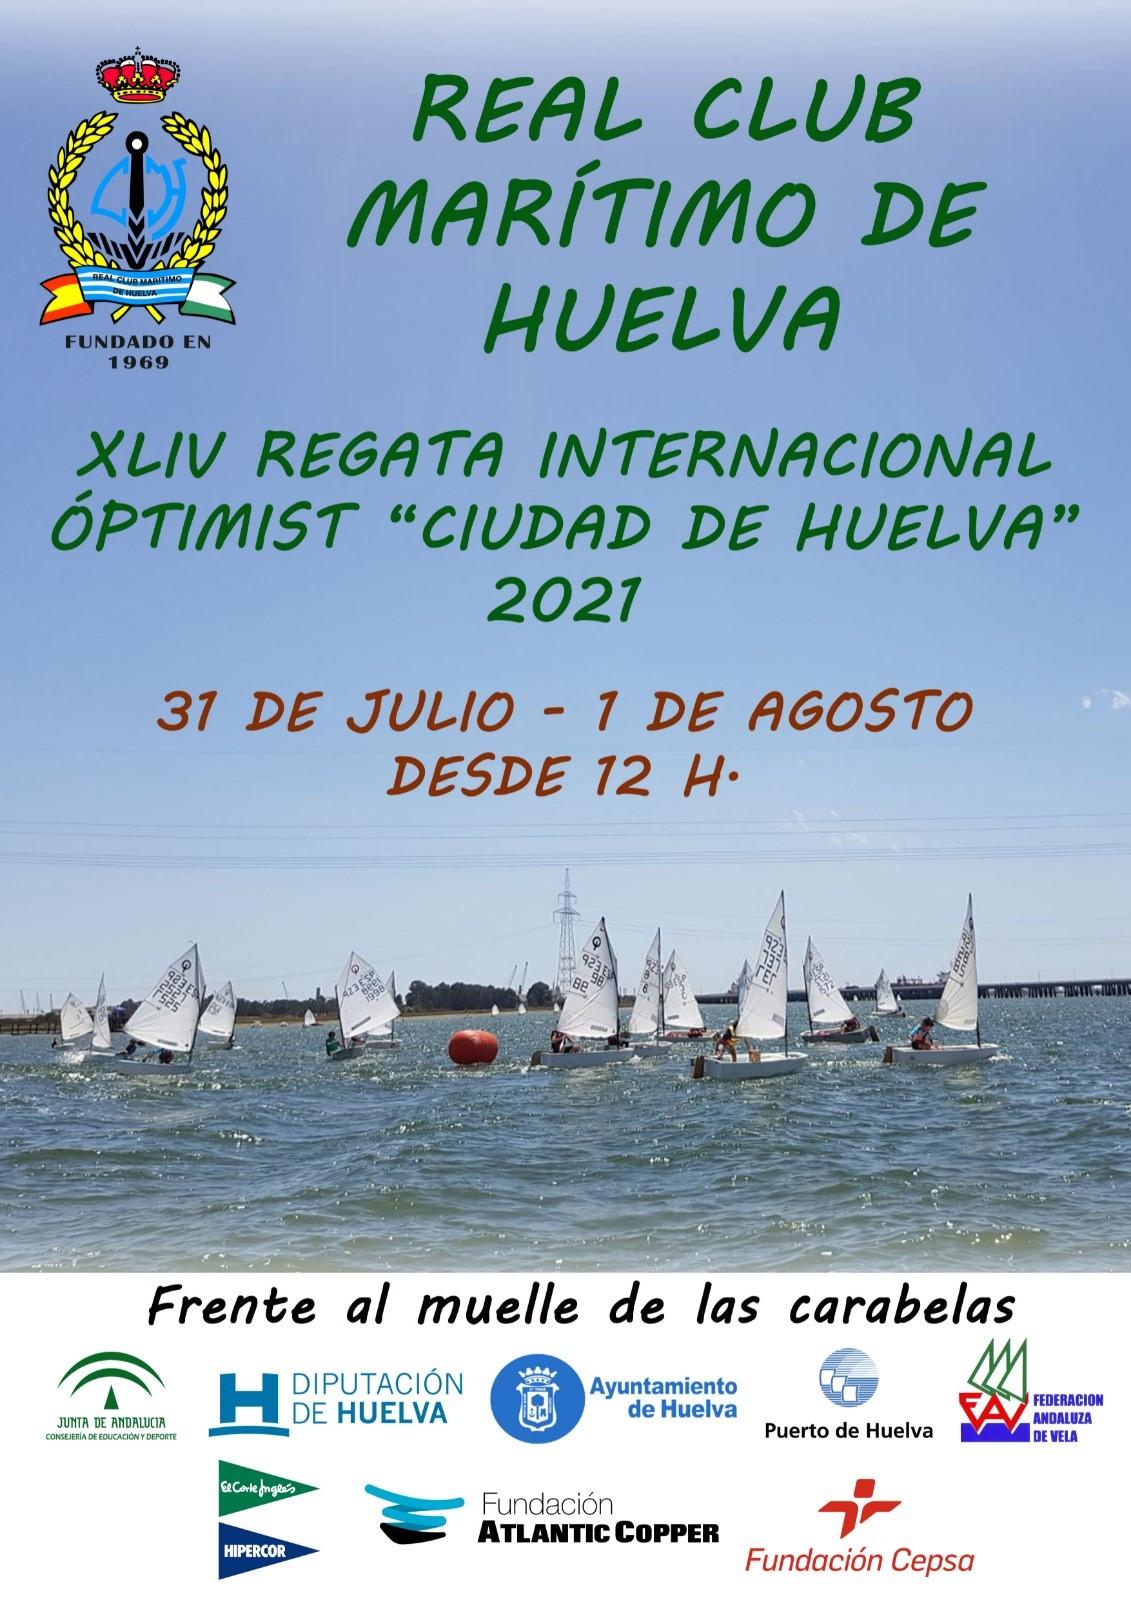 XLIV Regata Internacional 'Ciudad De Huelva'